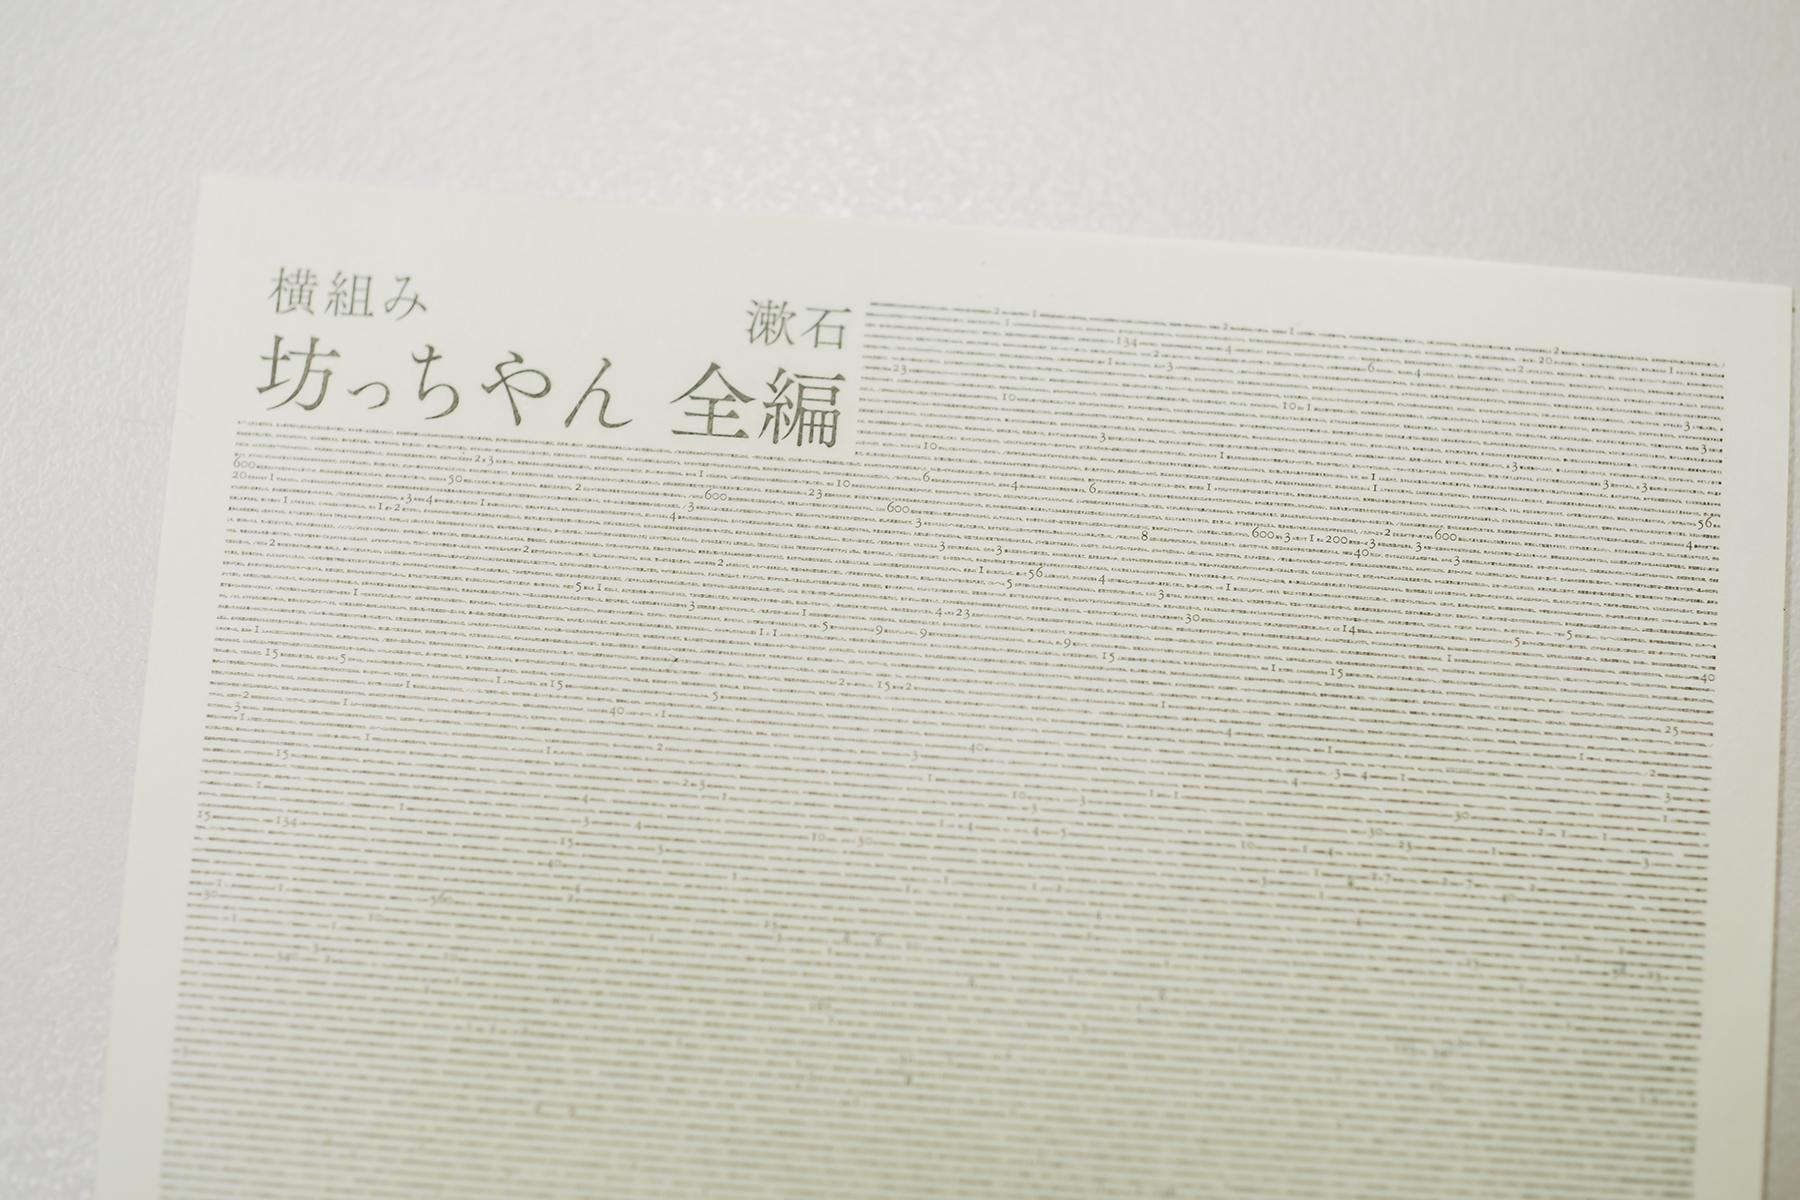 祖父江慎把《少爺》全文縮小成只有明信片大小的版本。